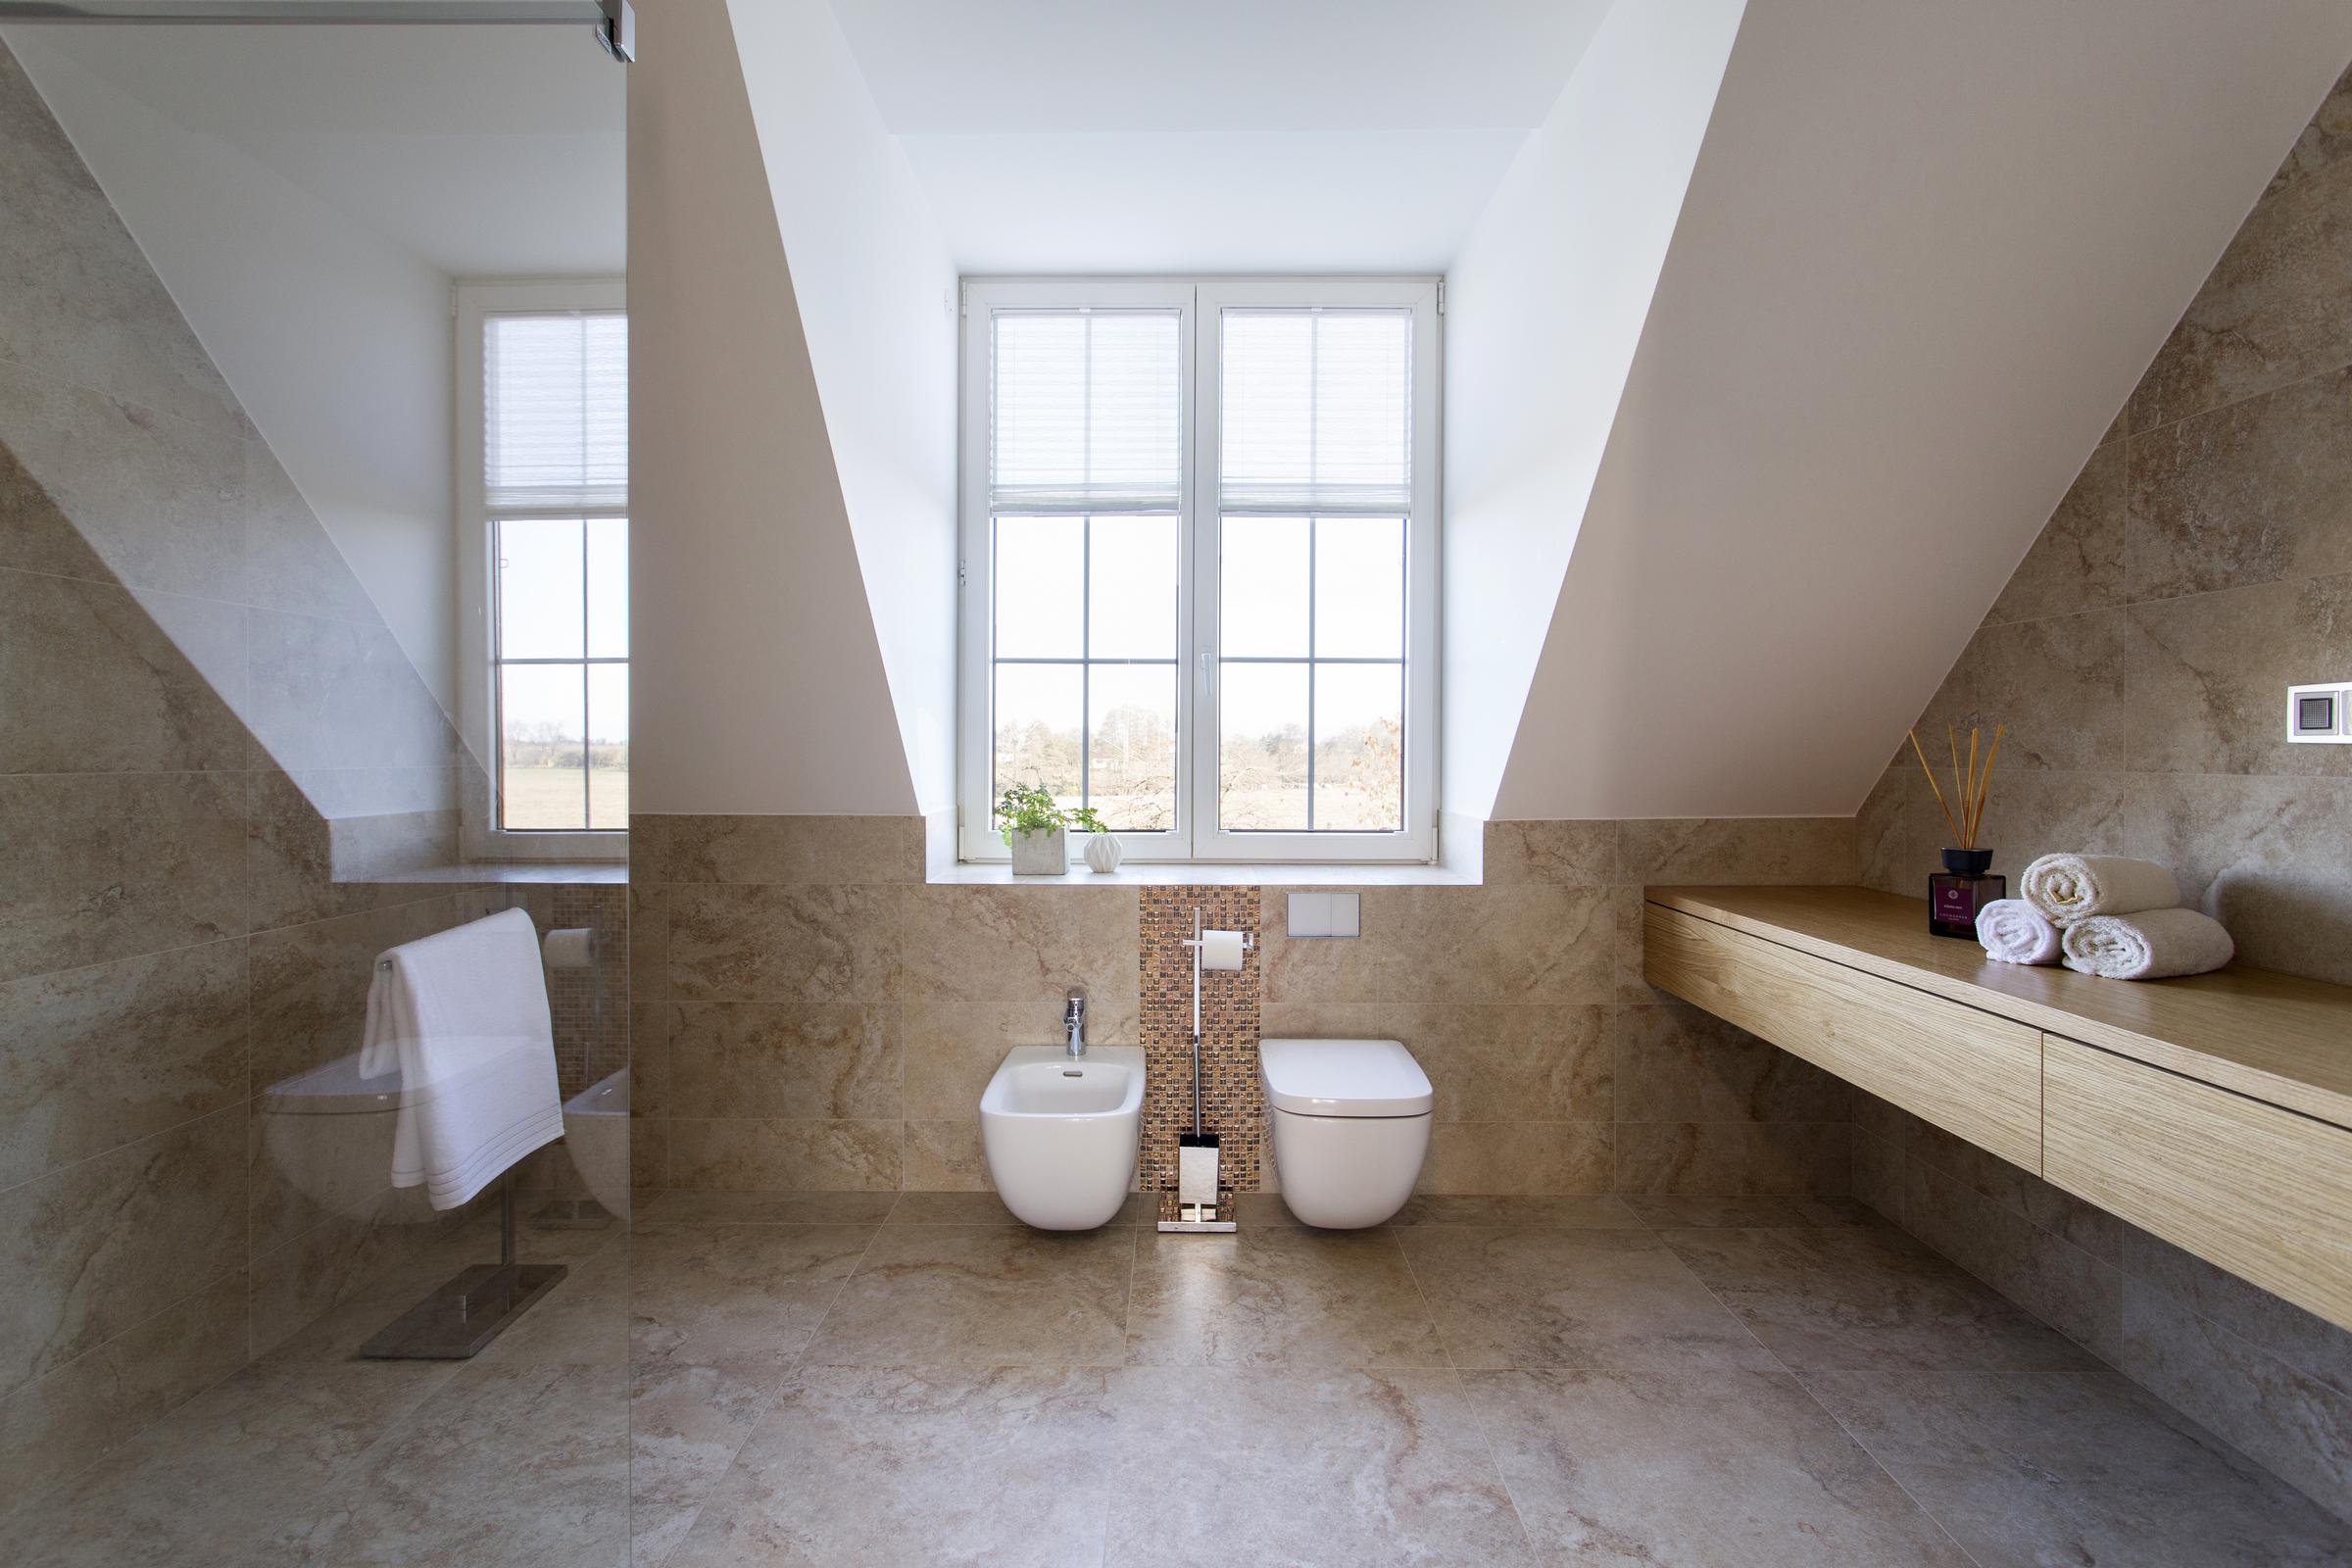 aleluia-obklad-a-dlazba-duomo-do-koupelny-dekor-kamene